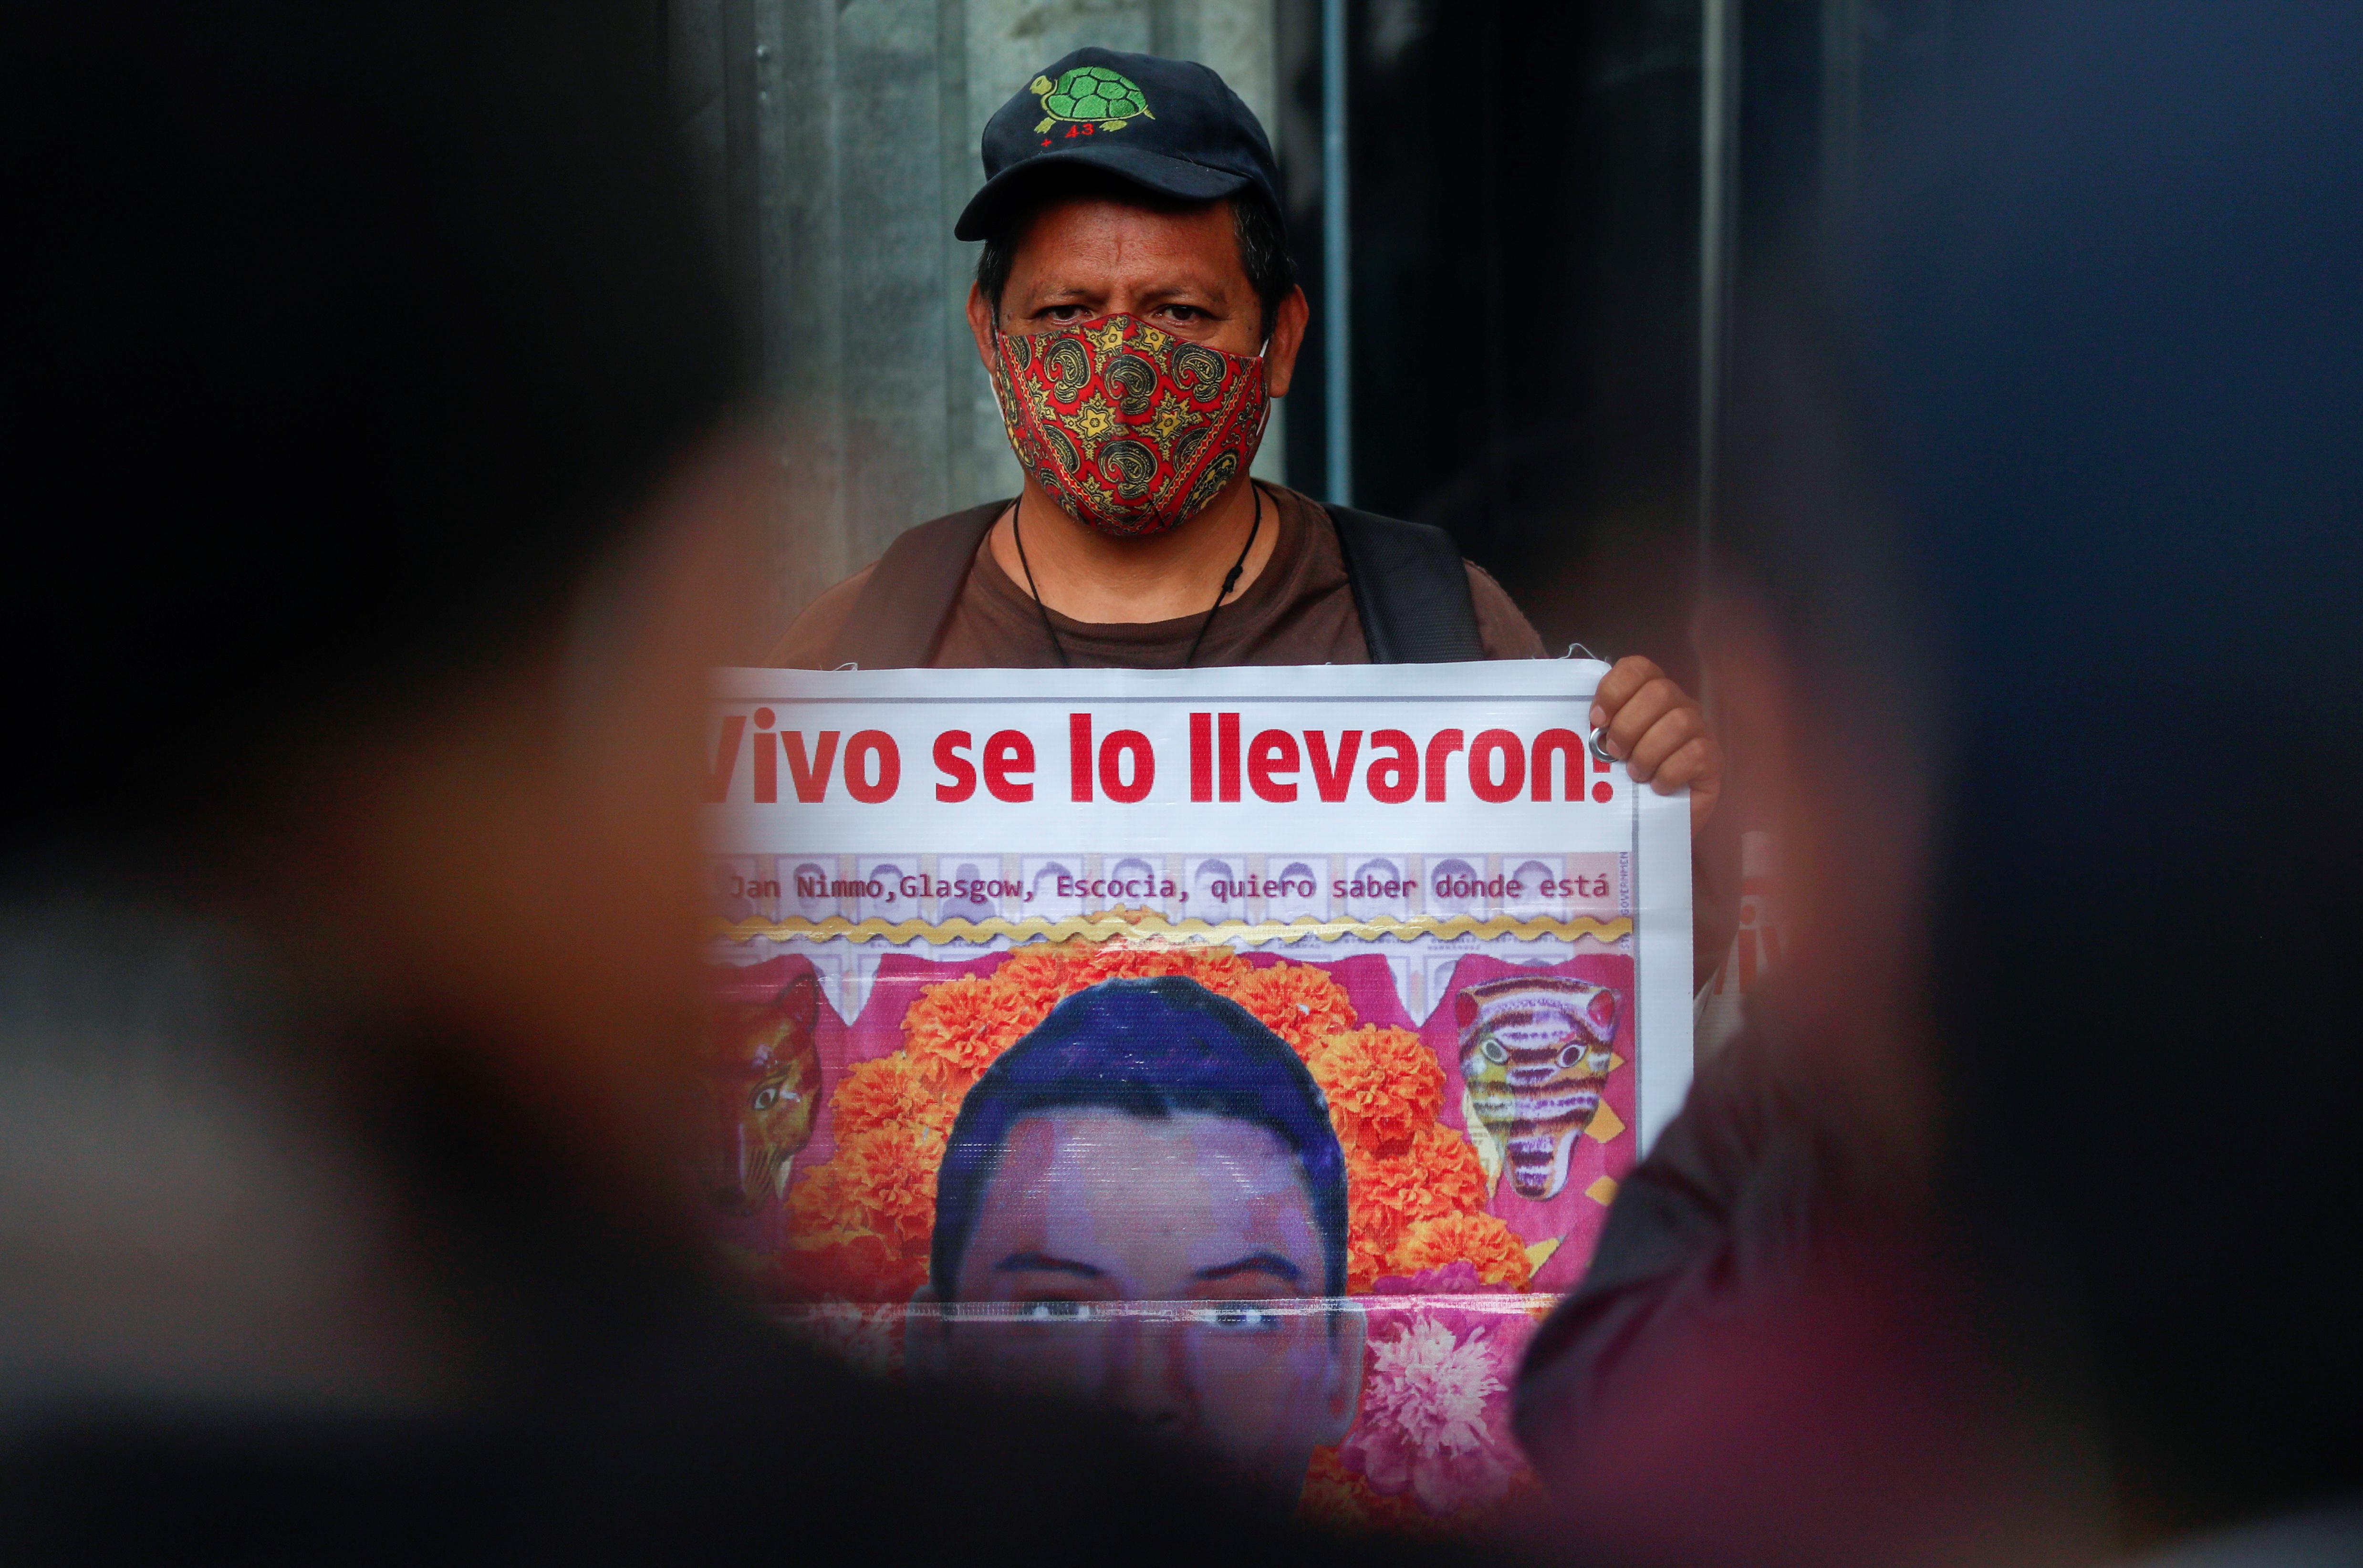 Un familiar de un estudiante desaparecido sostiene un cartel con su imagen mientras participa en una protesta frente a la Fiscalía General de la República, antes del sexto aniversario de la desaparición de 43 estudiantes de la Facultad de Formación de Maestros de Ayotzinapa, en la Ciudad de México, México 25 de septiembre, 2020.